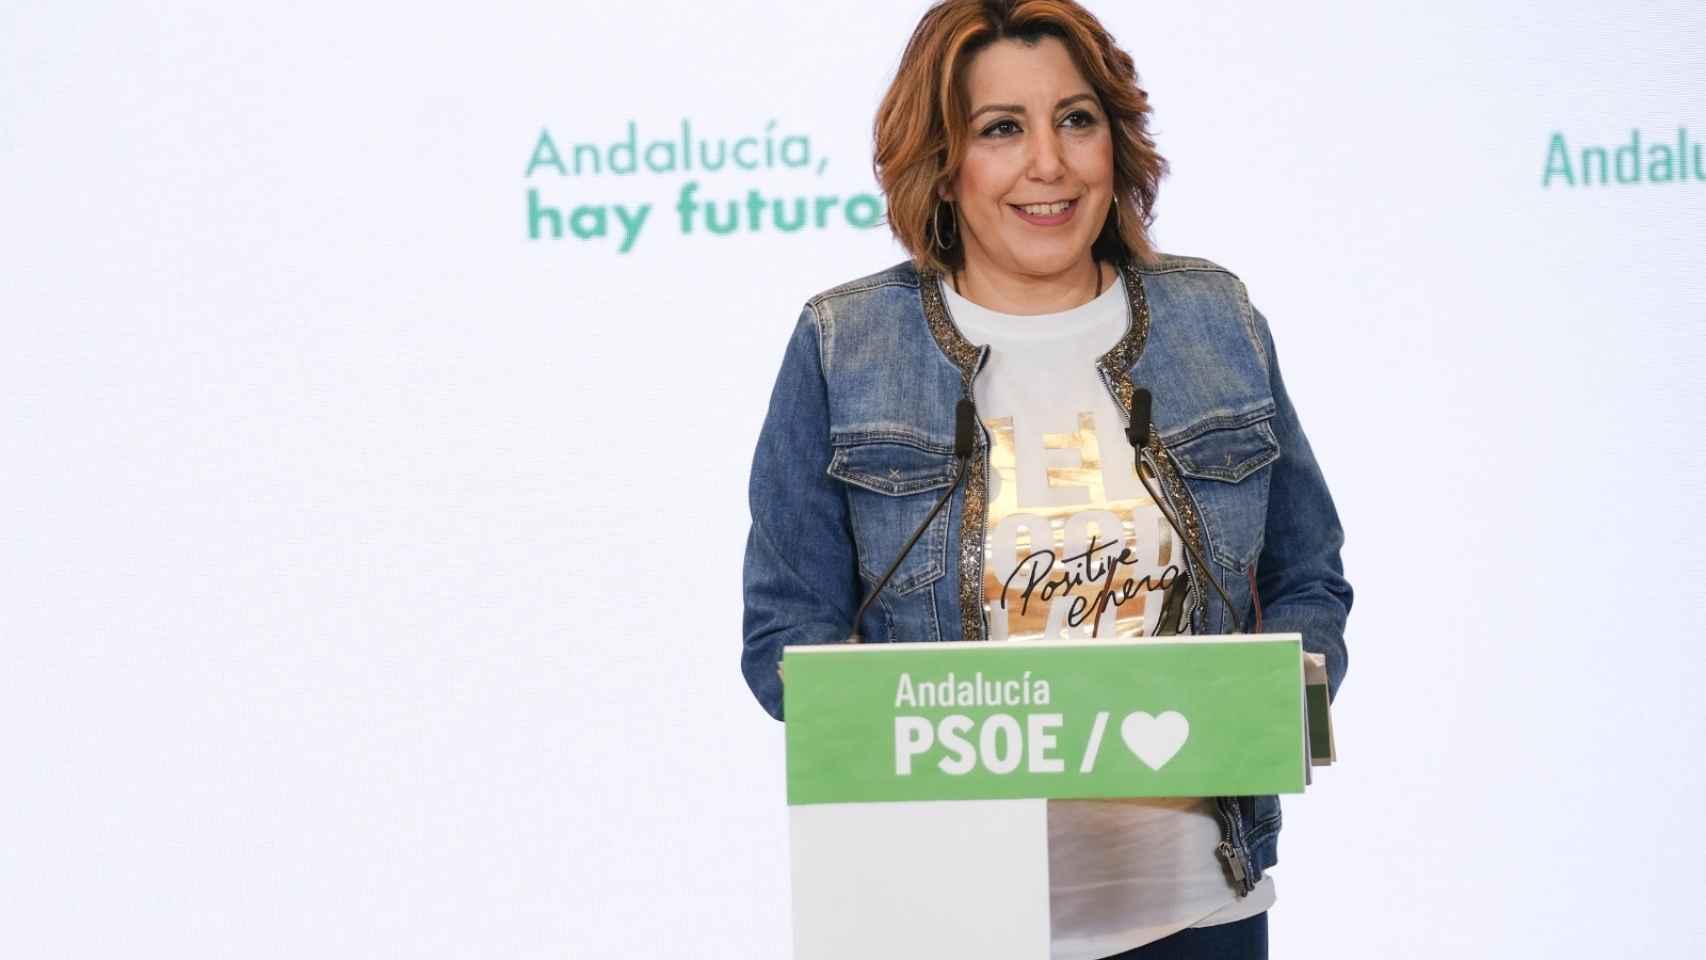 Energía positiva. 6 de mayo en Sevilla.